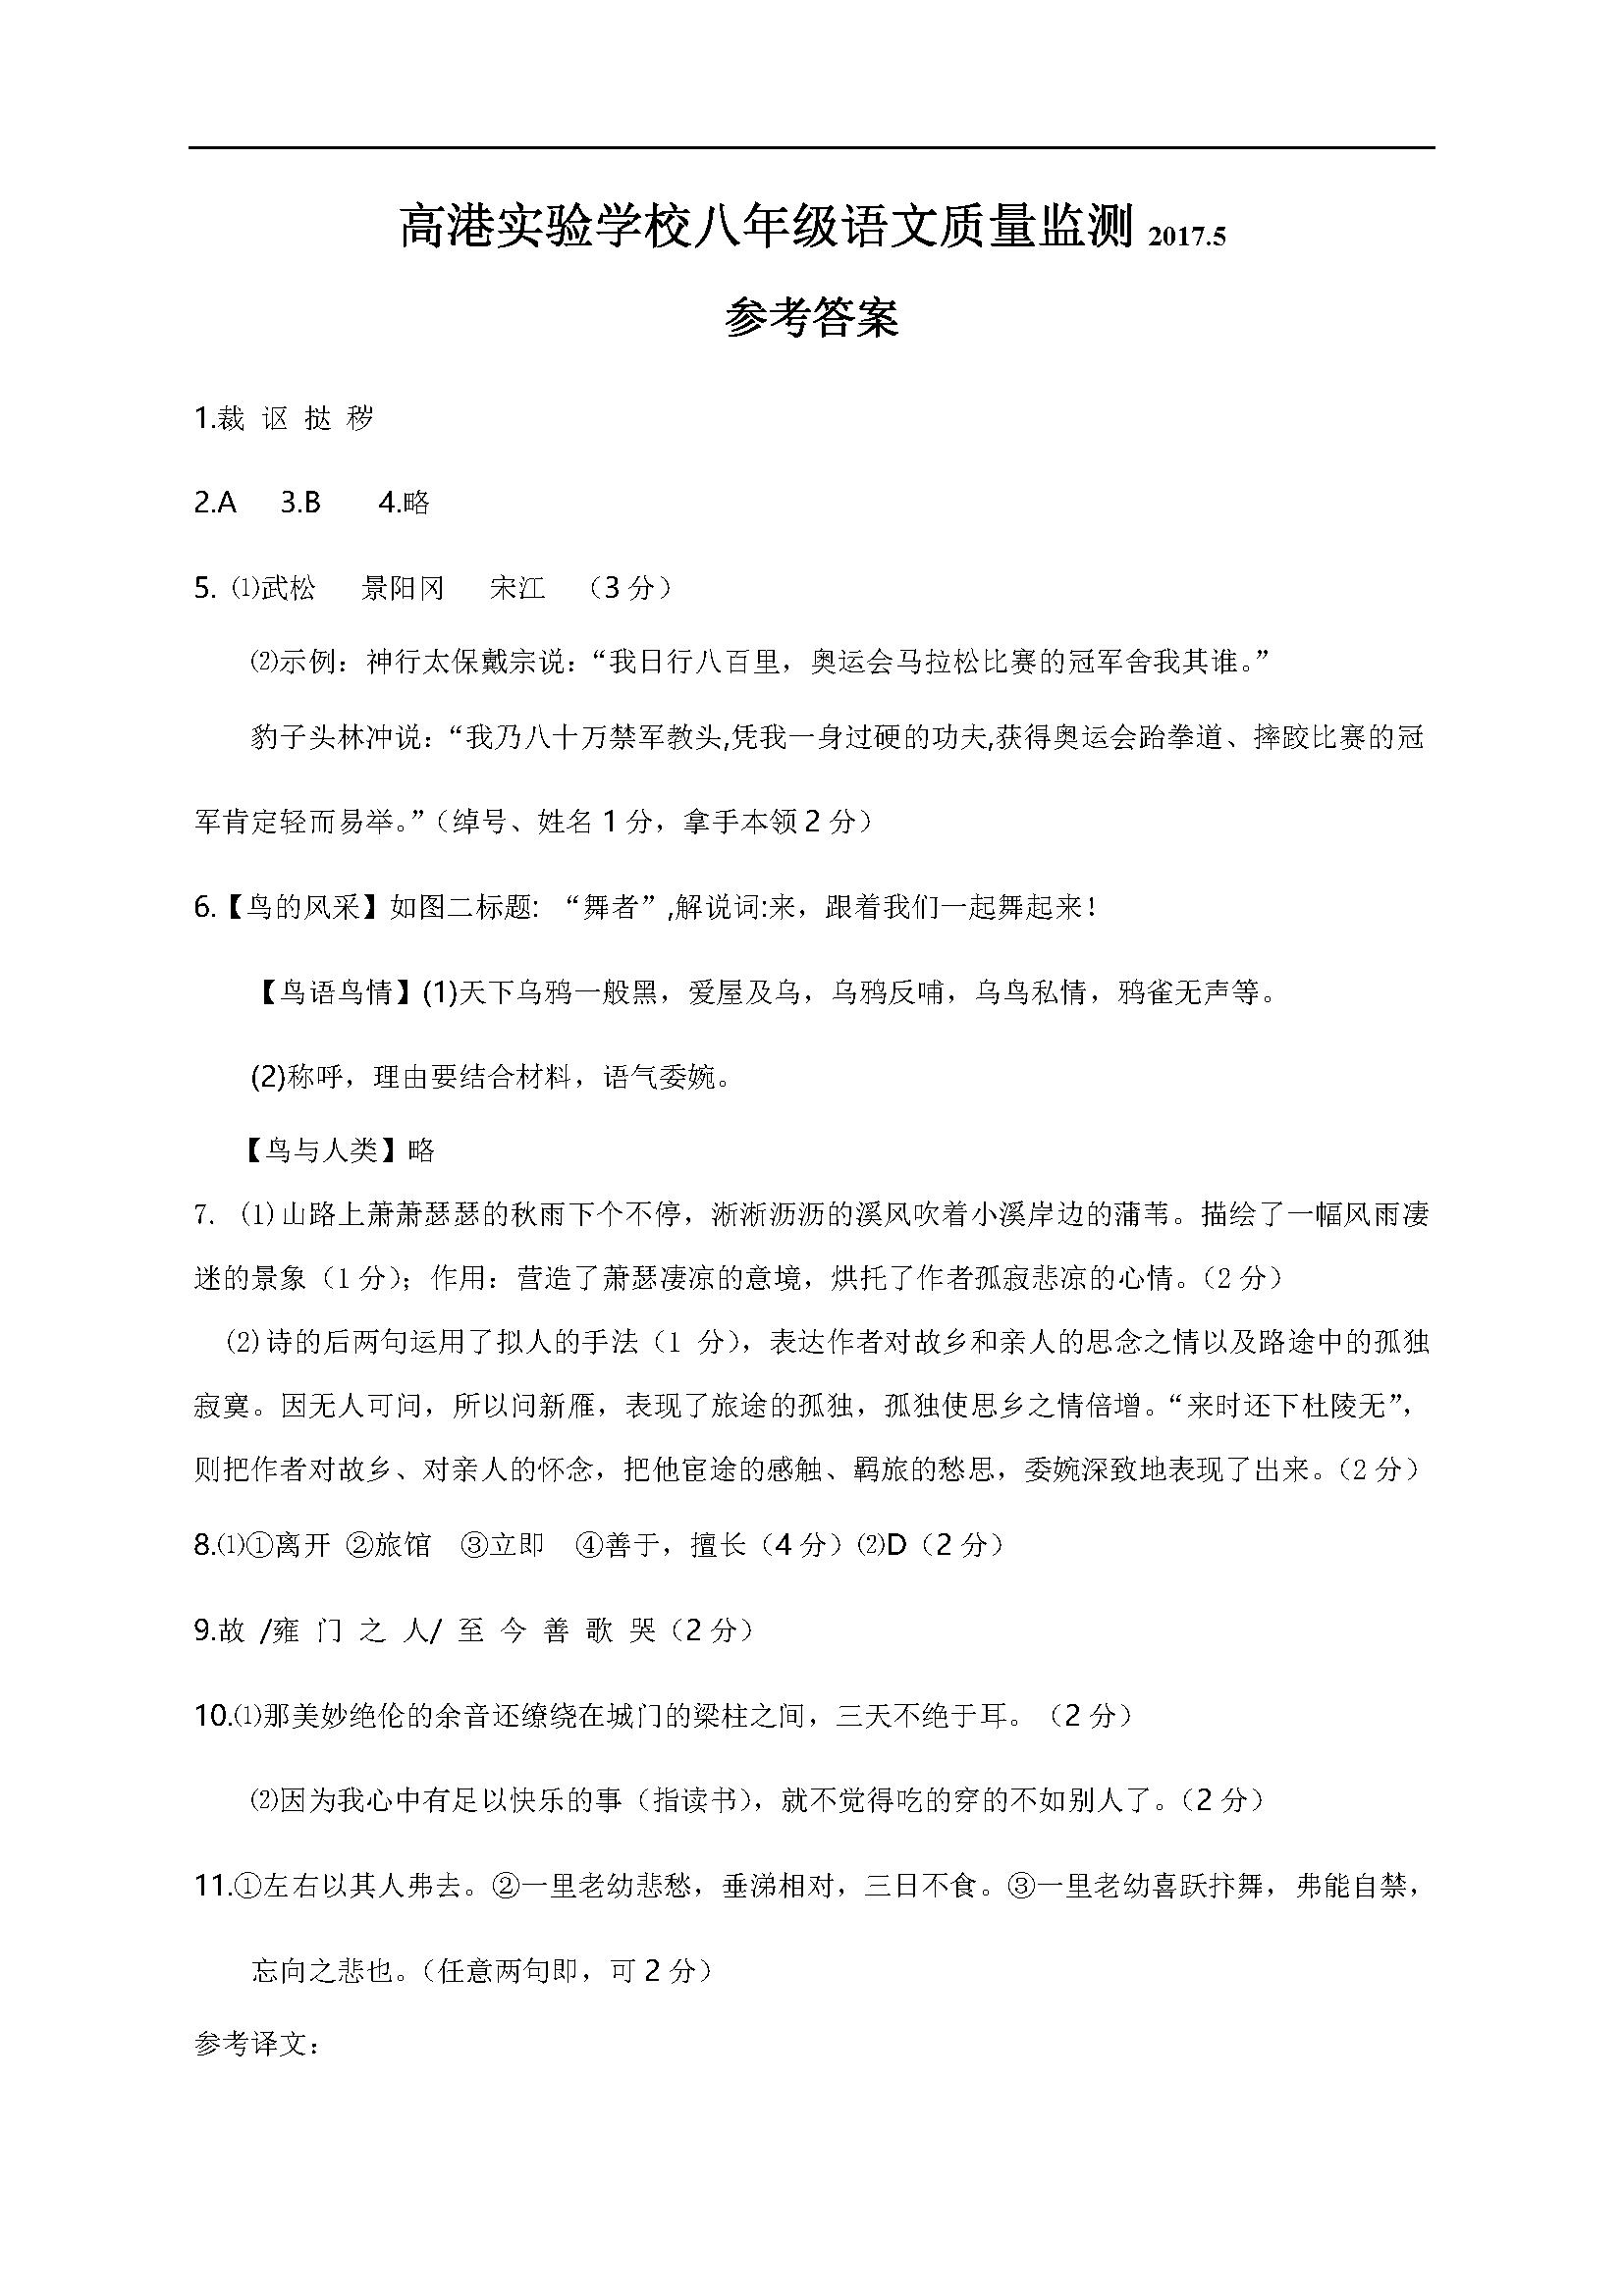 2017江苏泰州高港实验学校八年级5月月考语文试题答案(Word版)